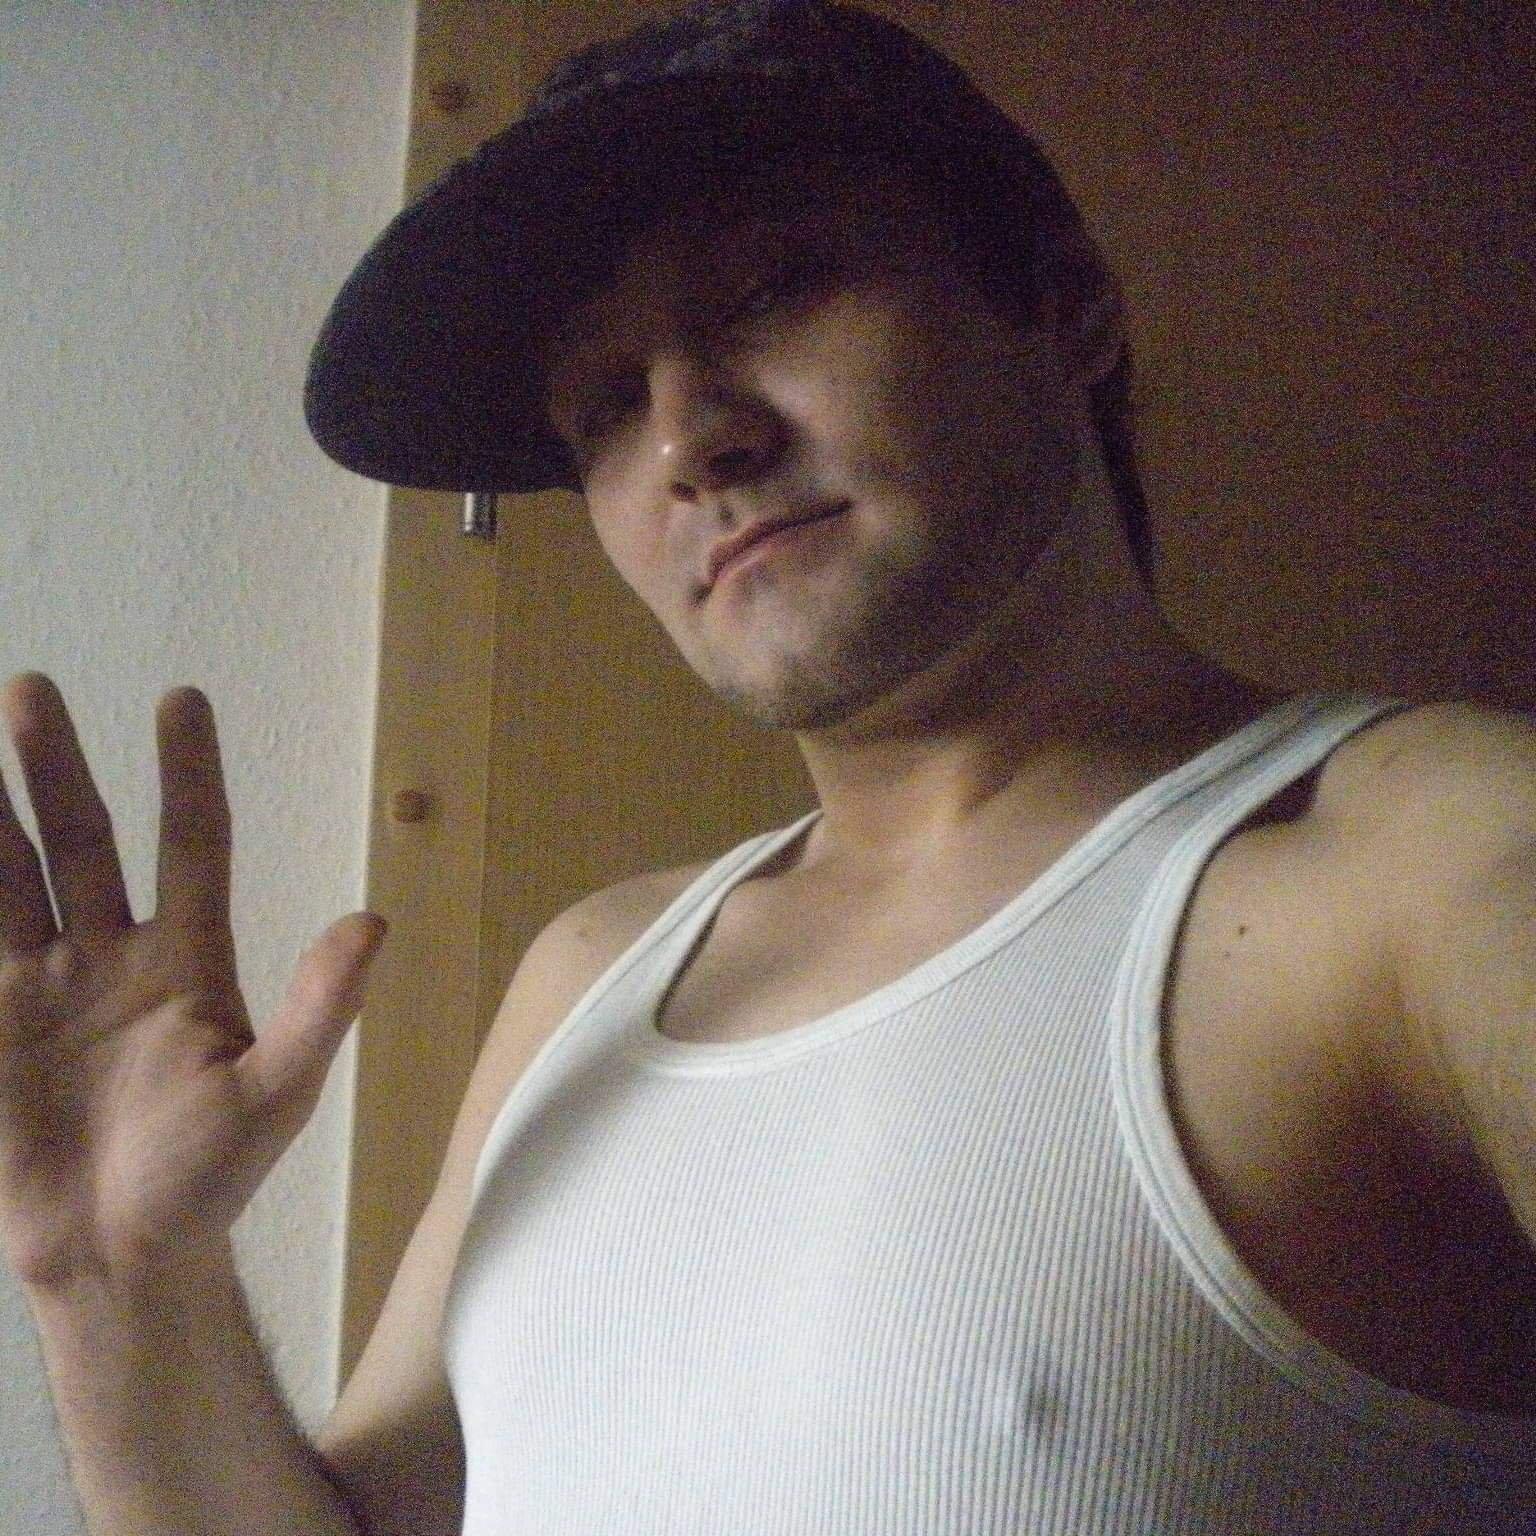 Chris299 aus Sachsen-Anhalt,Deutschland